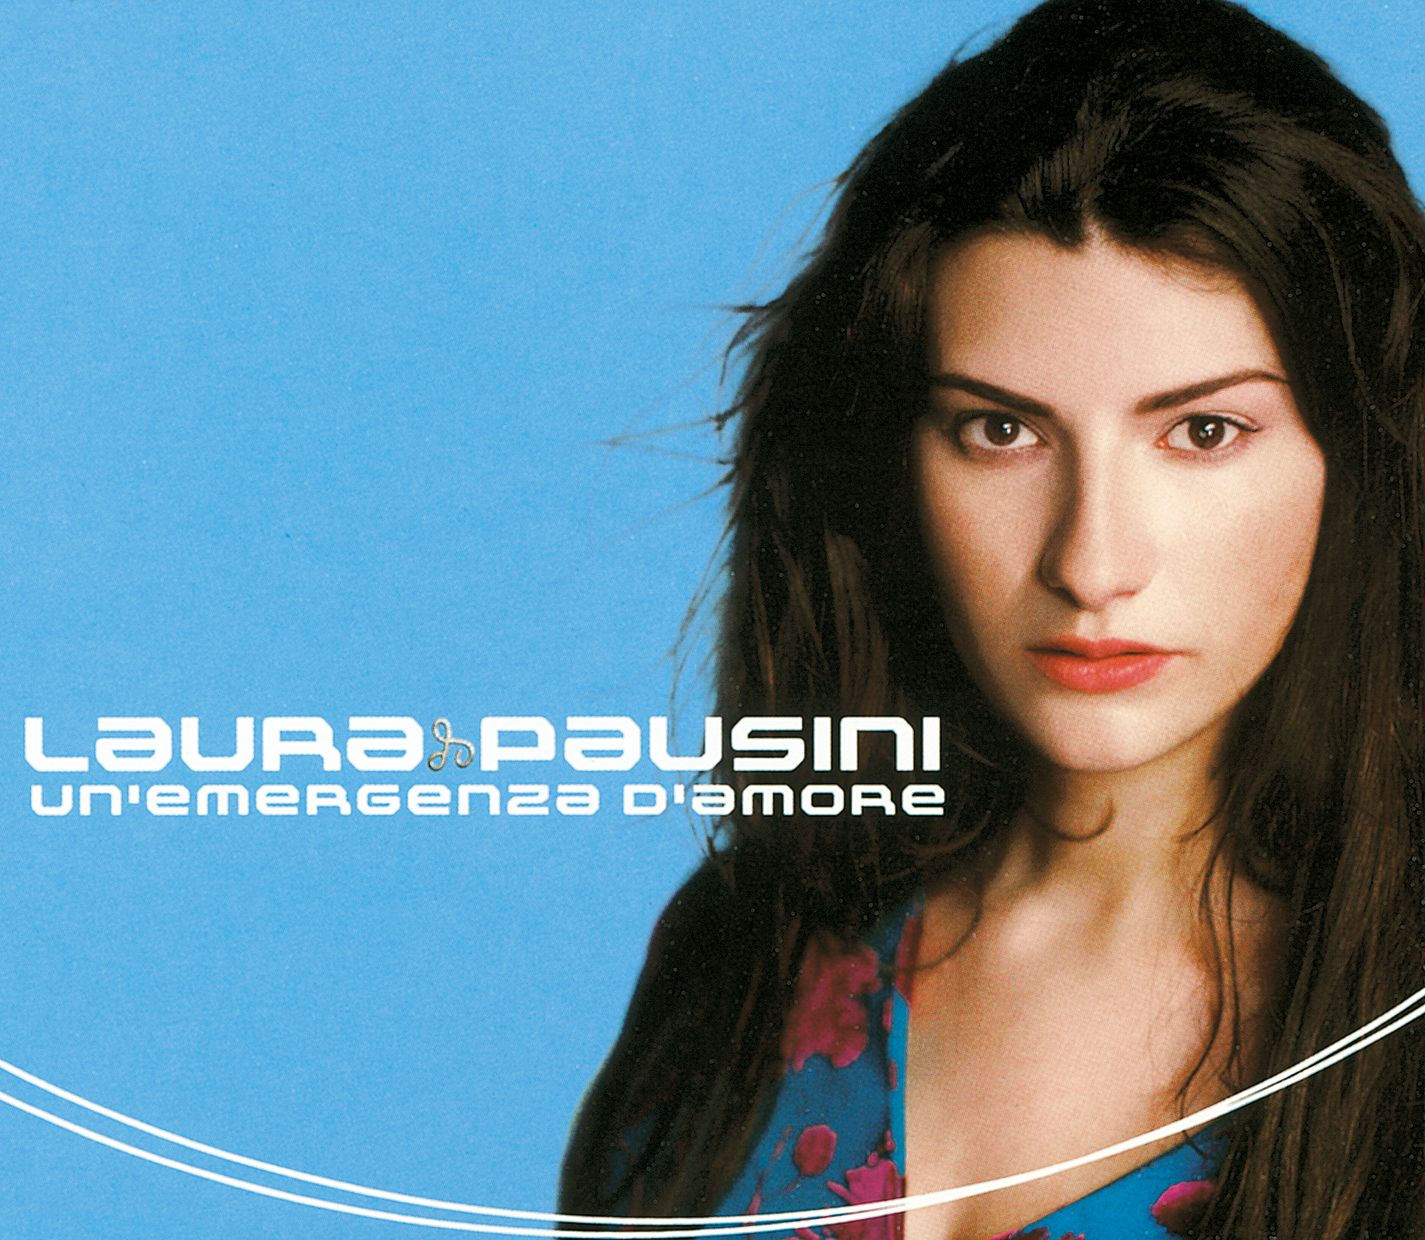 Laura-Pausini-Emergenza-damore